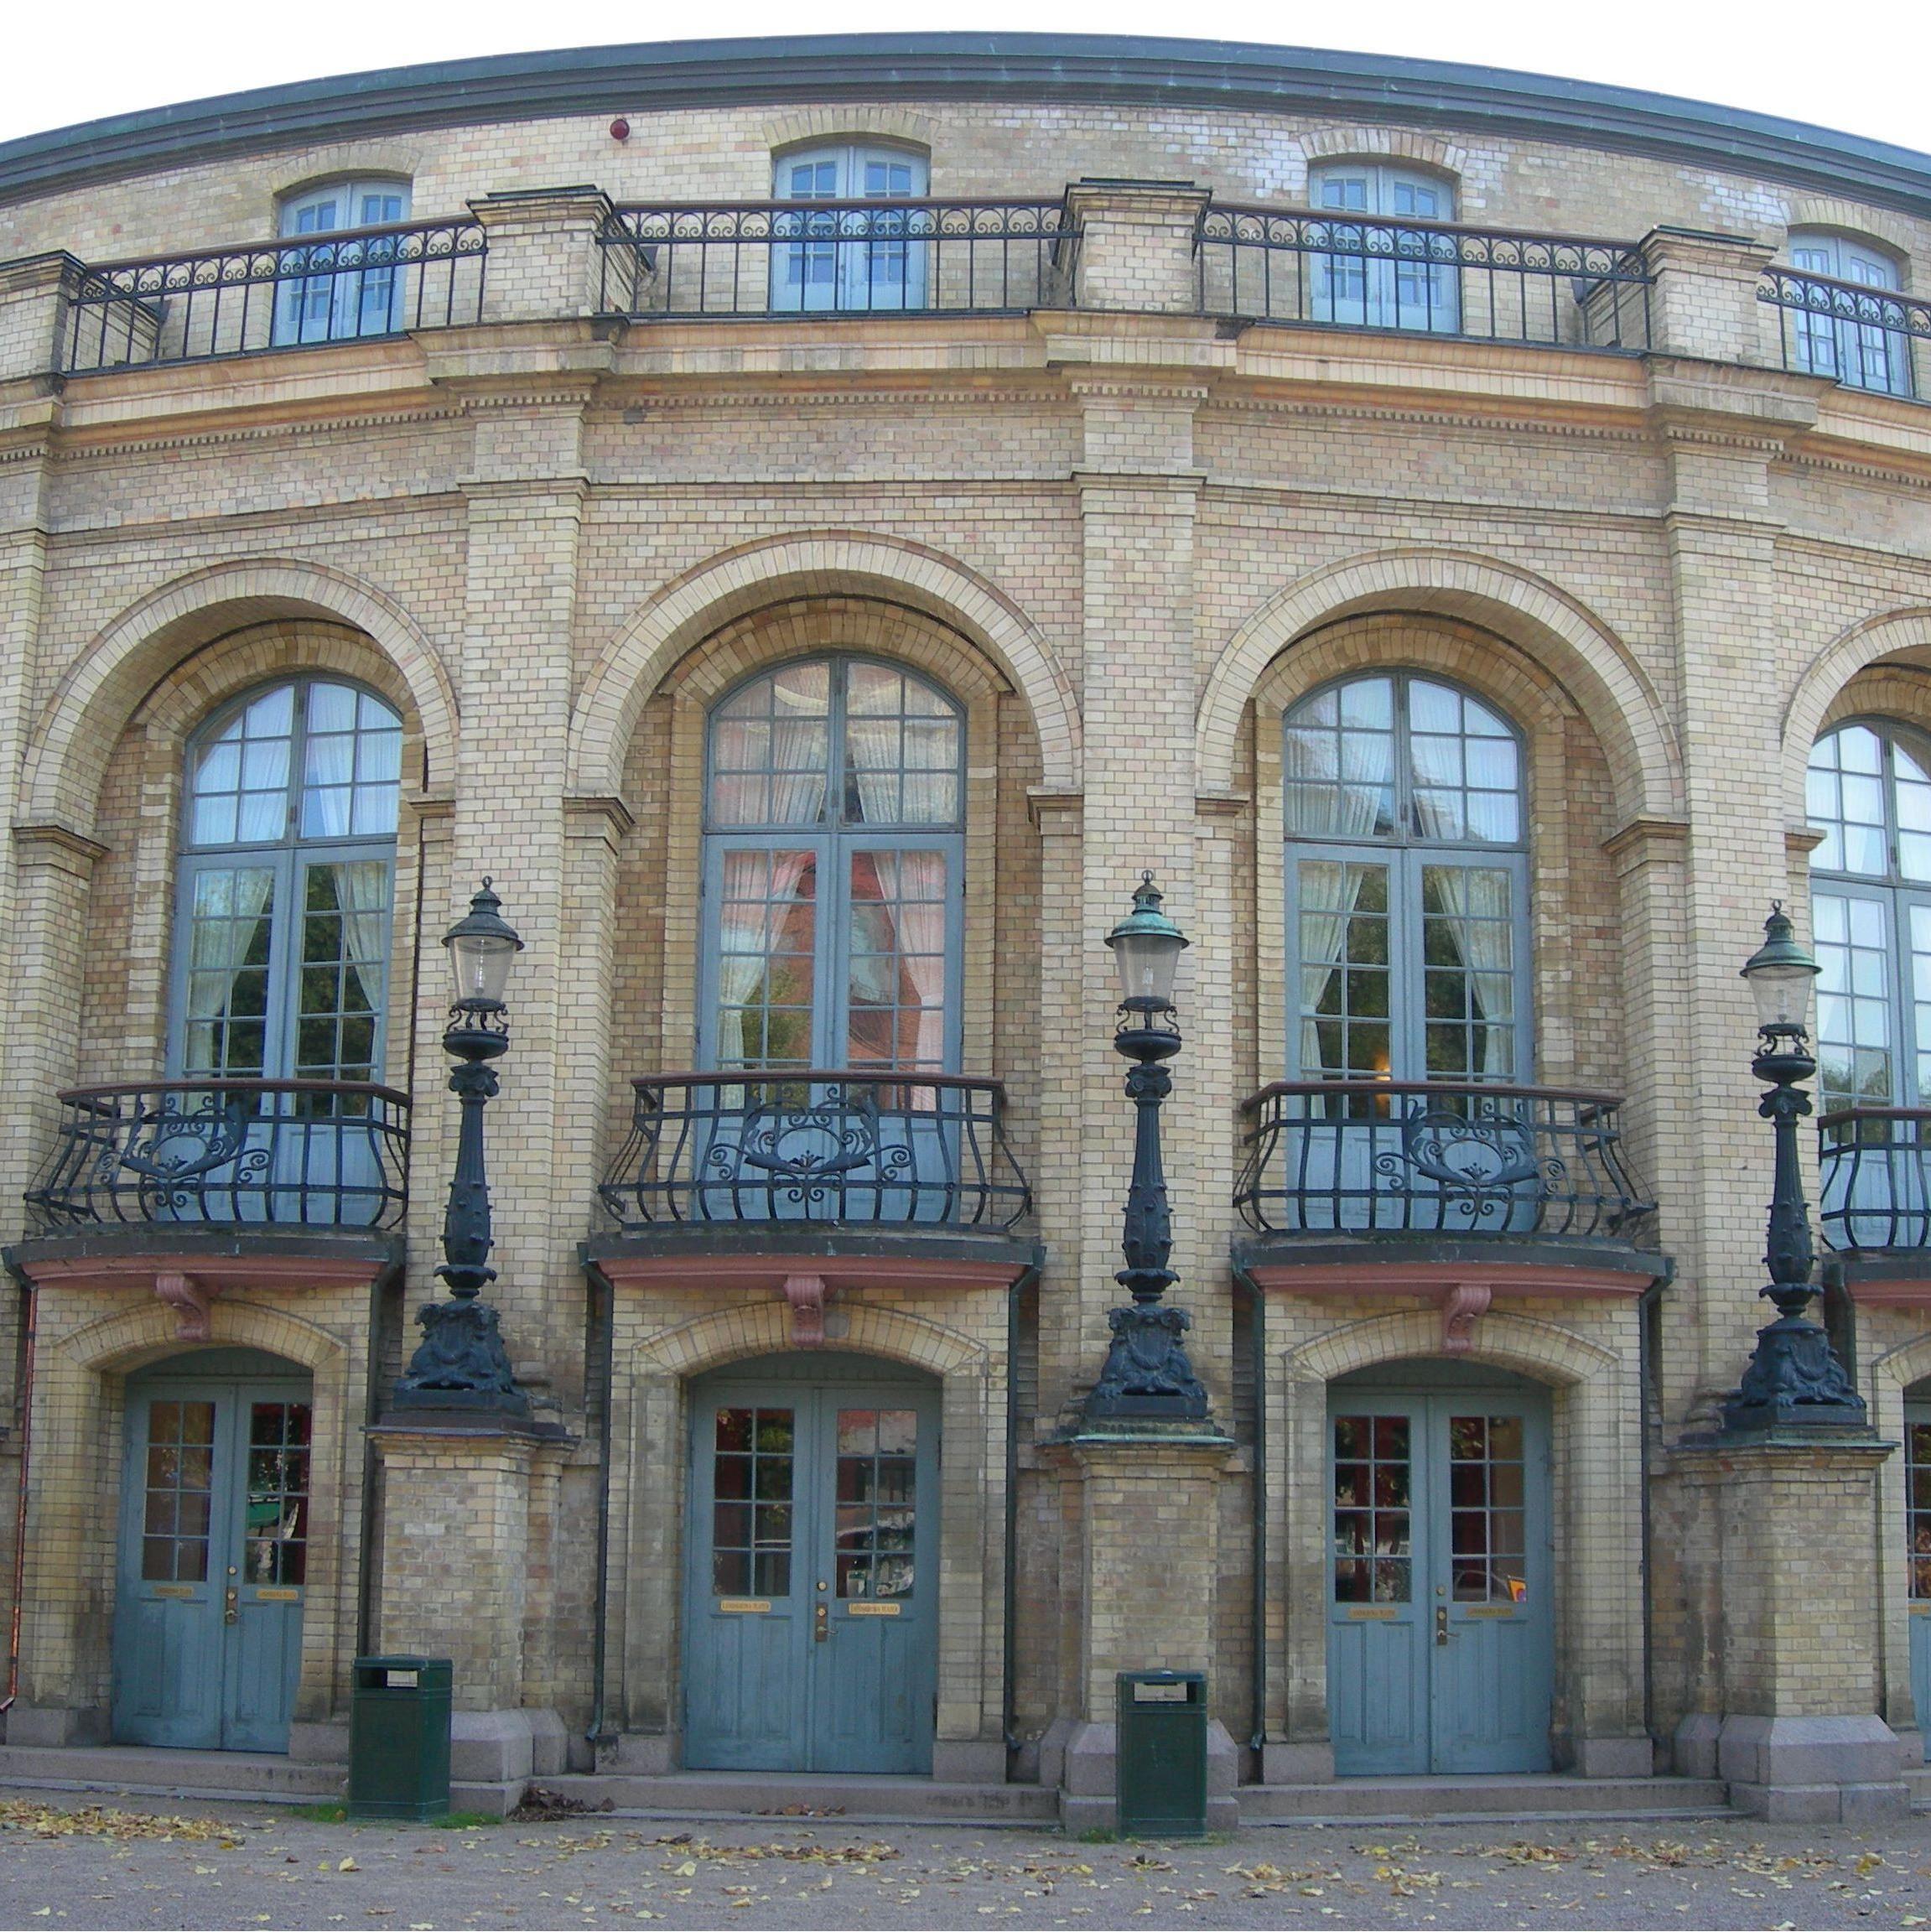 Foto: Turistbyrån Landskrona - Ven, Landskrona teater